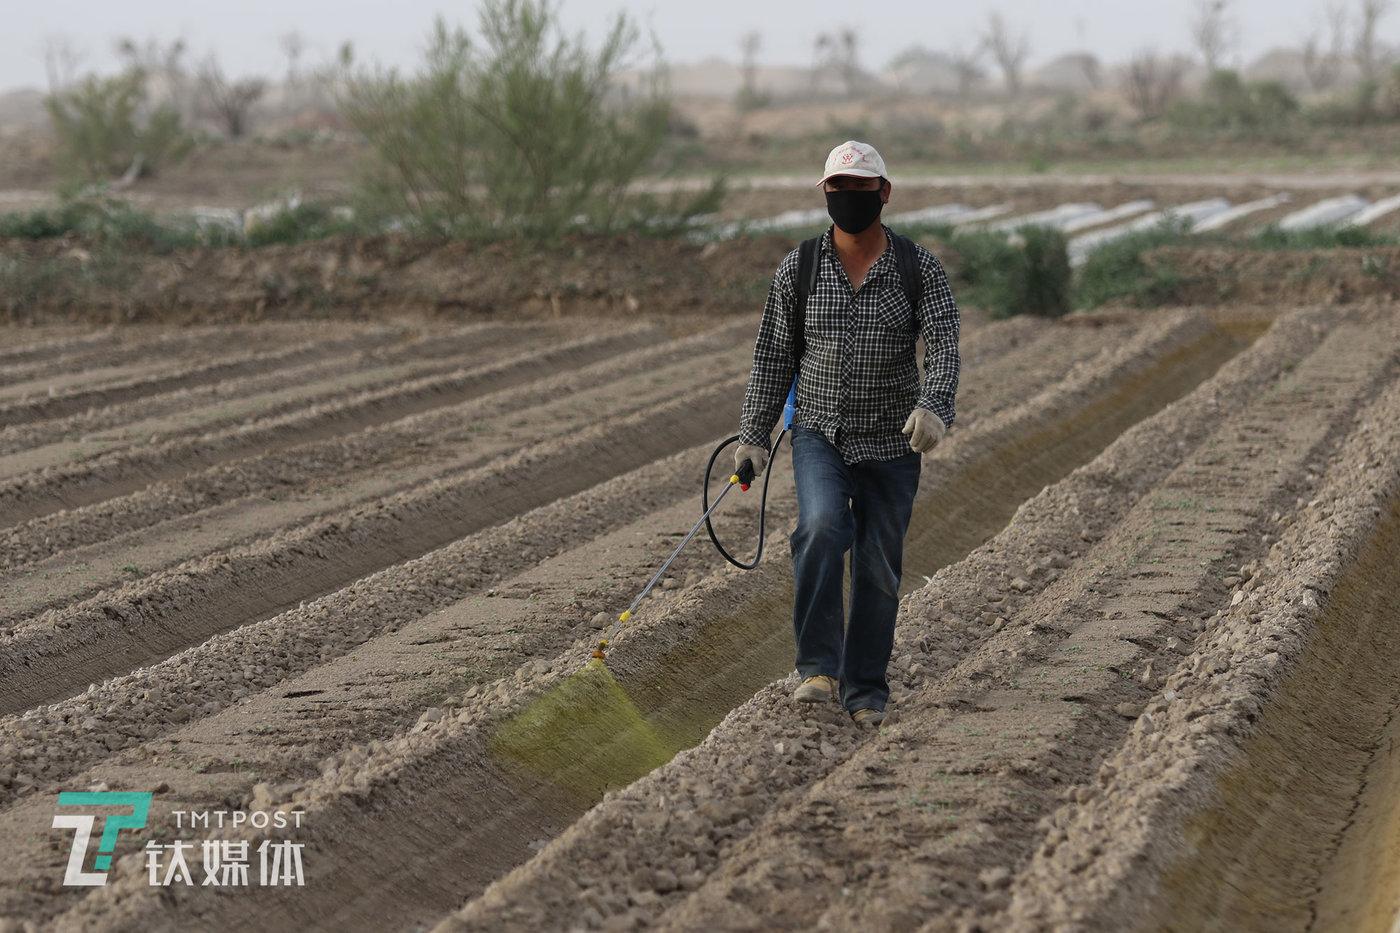 """薛志明的弟弟薛志军在瓜地喷除草剂。村庄人口流失,但土地依然是农民最重要的保障。薛志军44岁,在附近的一个镇上开了家大超市,由于""""人越来越少"""",超市生意不如以前那么好了,他今年也回村种了40多亩。"""